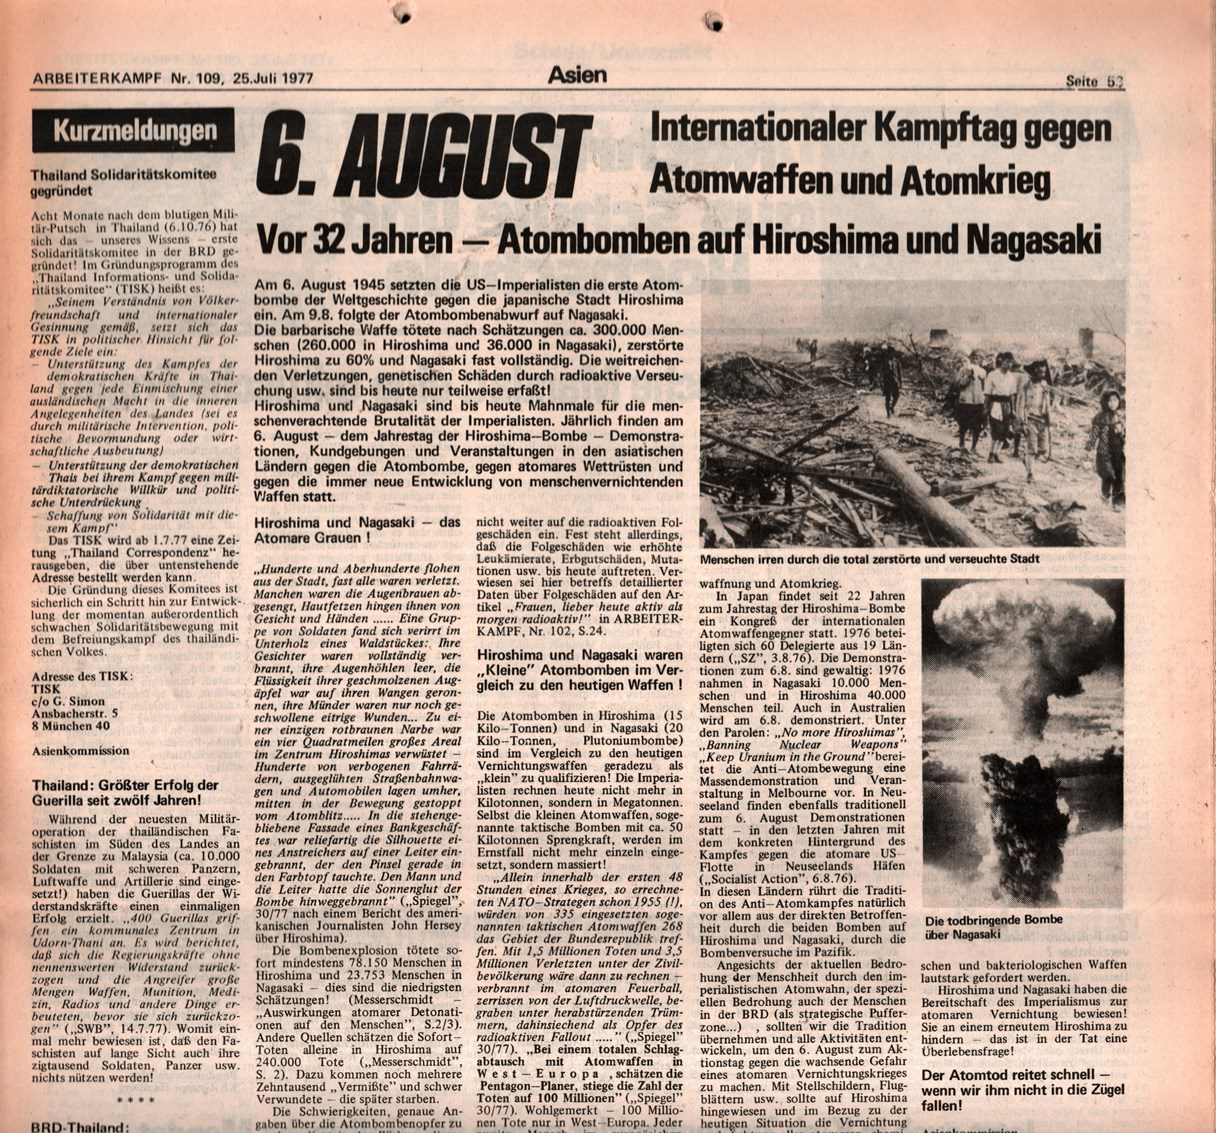 KB_AK_1977_109_105